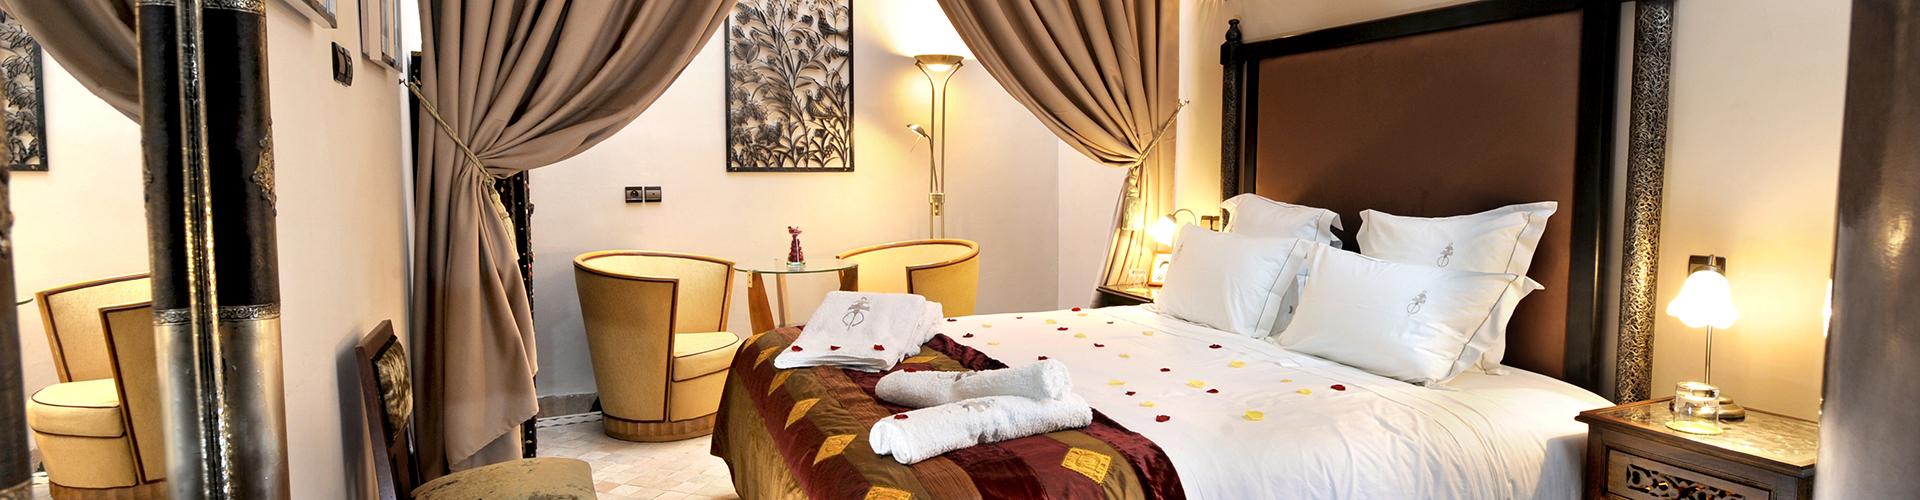 Riad De La Belle Epoque, habitación Coco Chanel